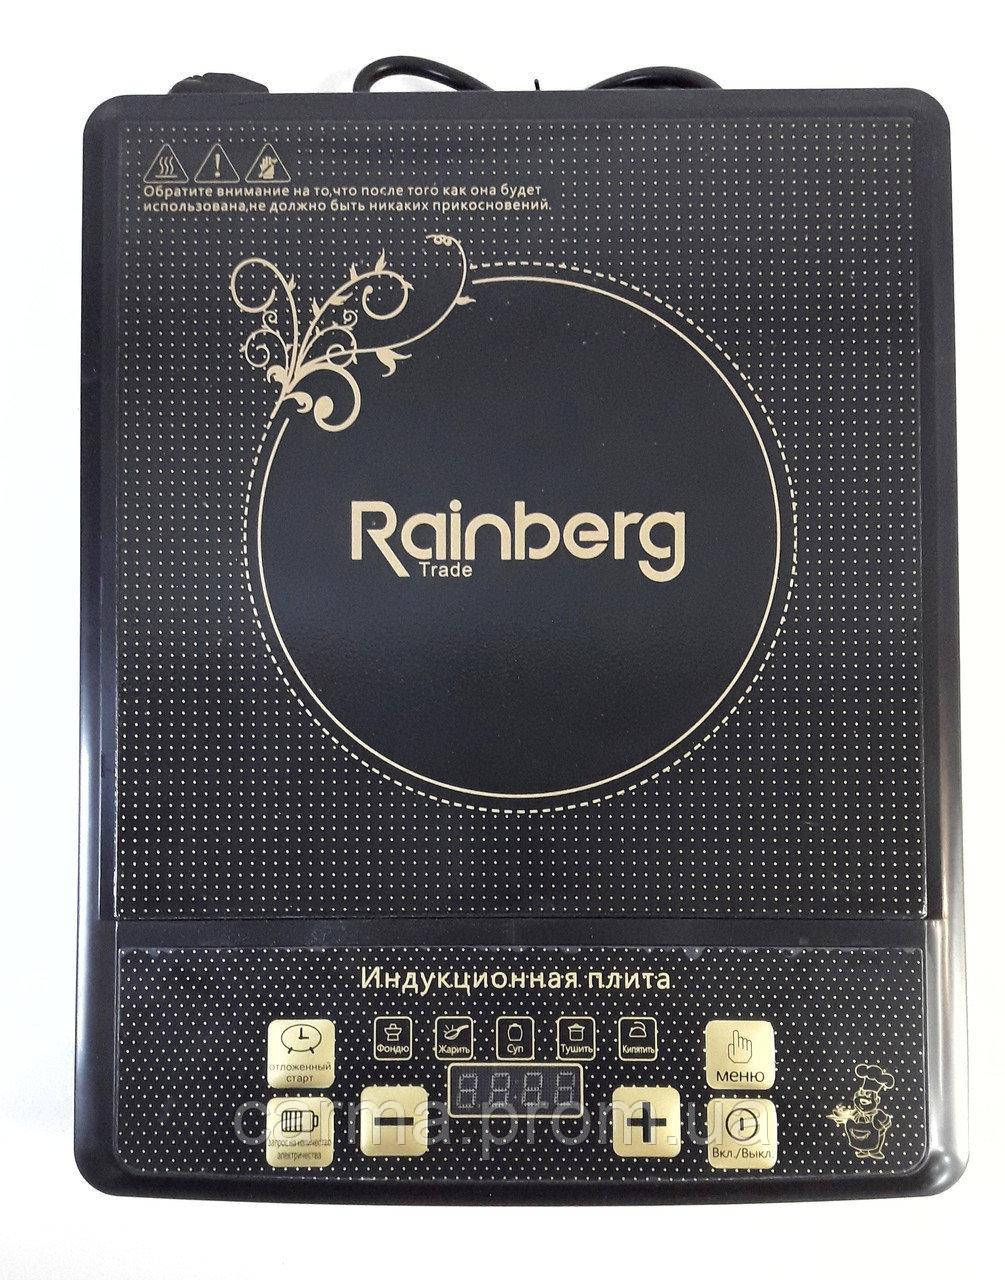 Настольная плита Rainberg RB-811